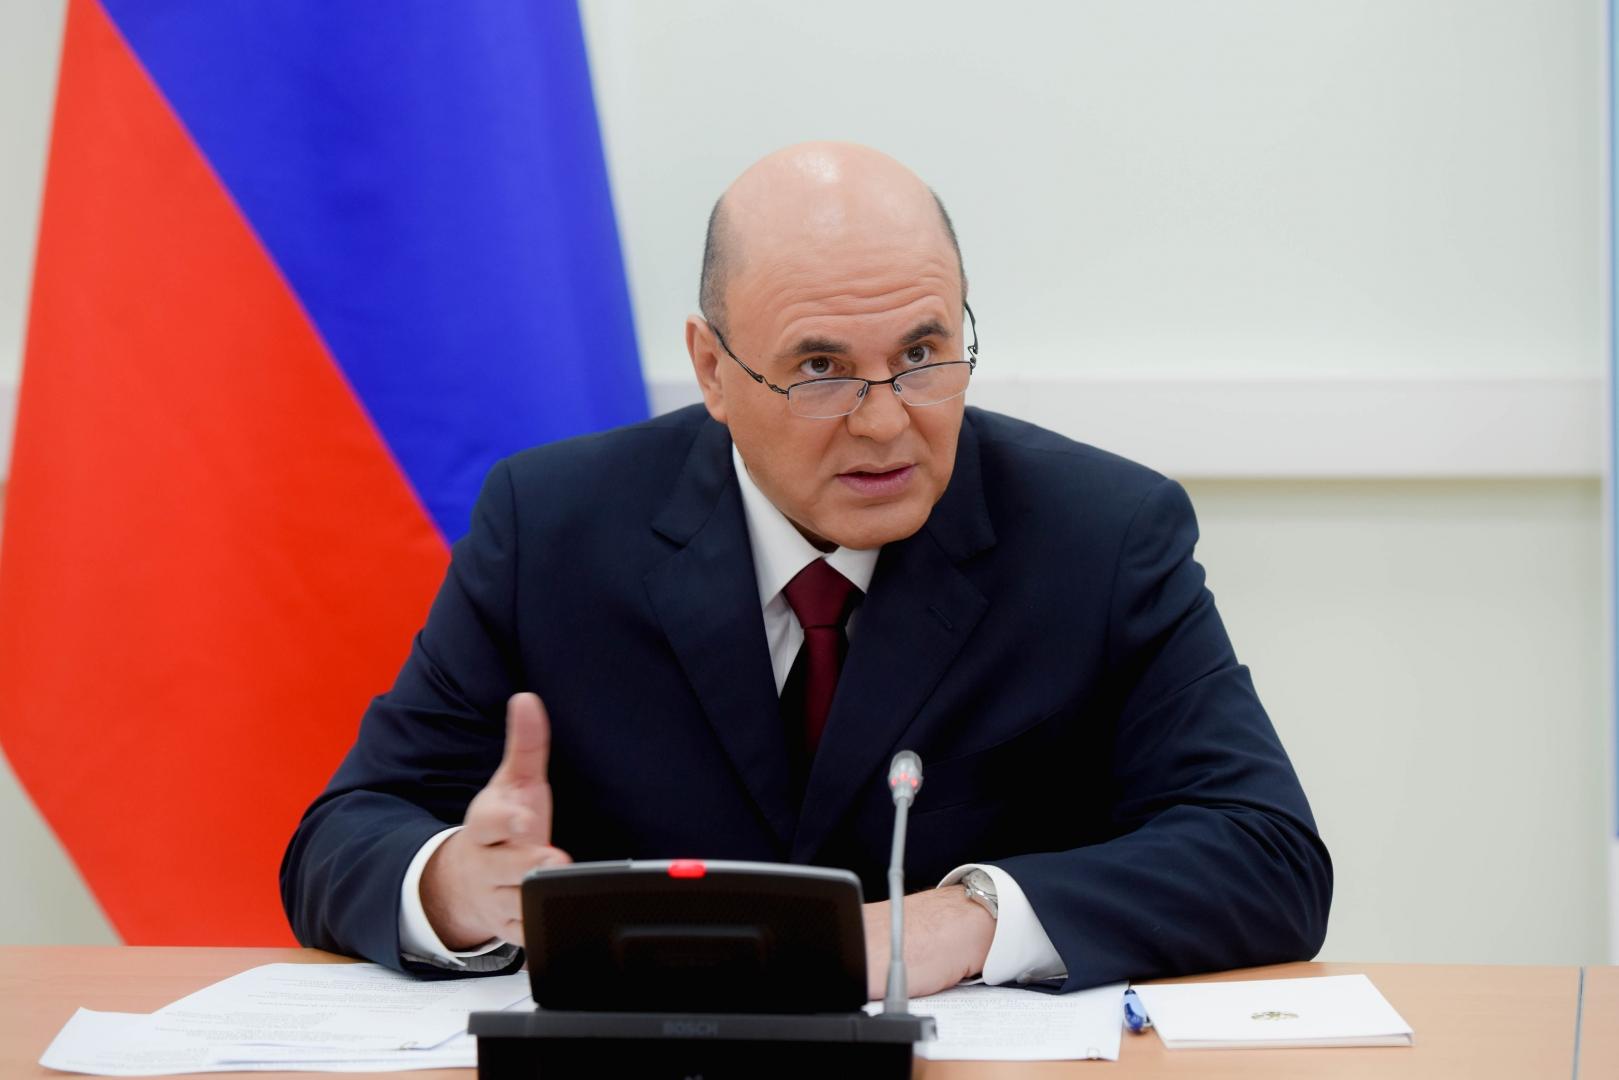 Мишустин рассчитывает на быстрое восстановление экономики России